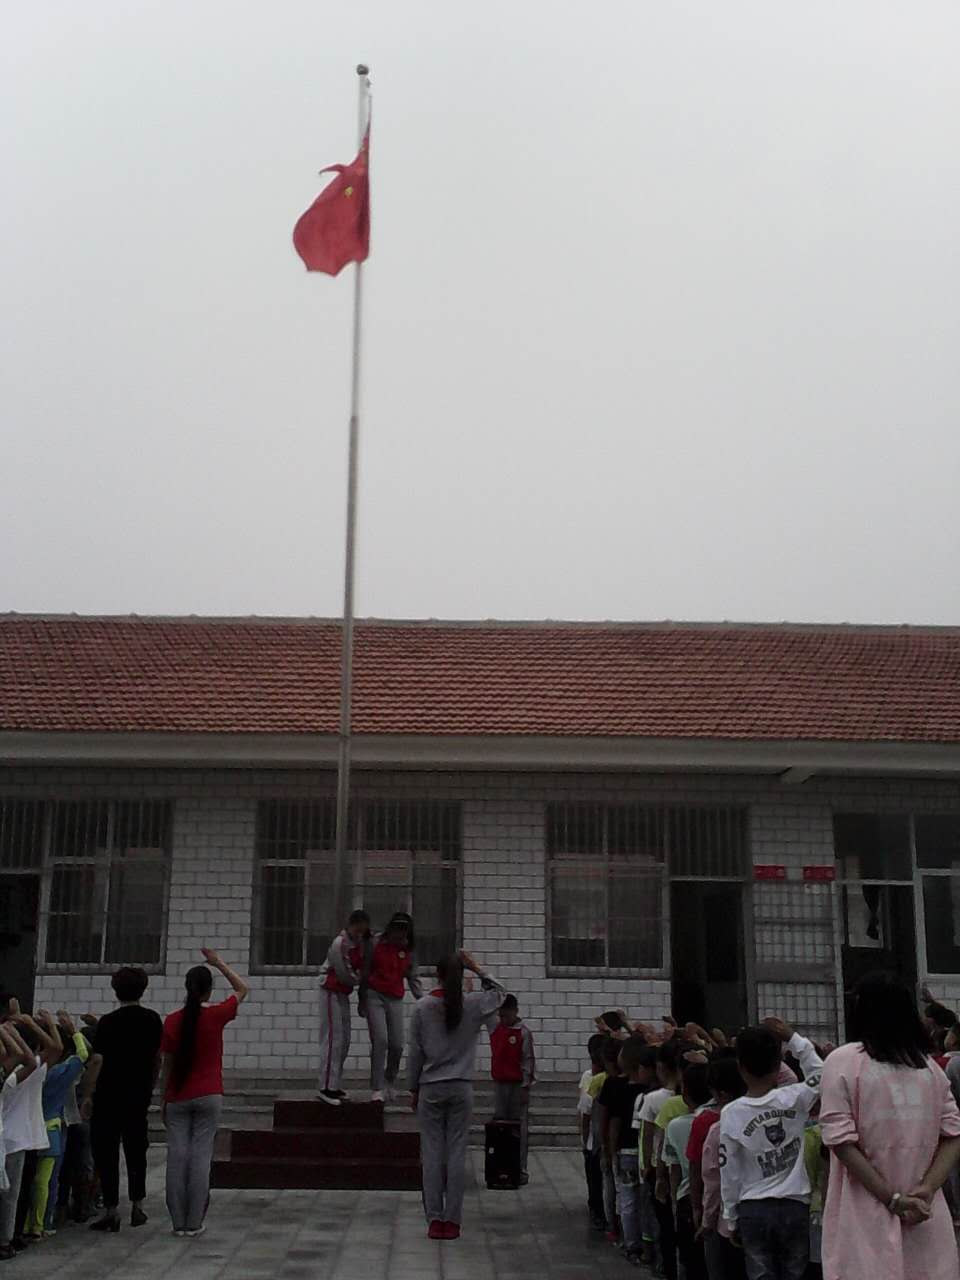 王胜武屯学校迎国庆升旗仪式图片